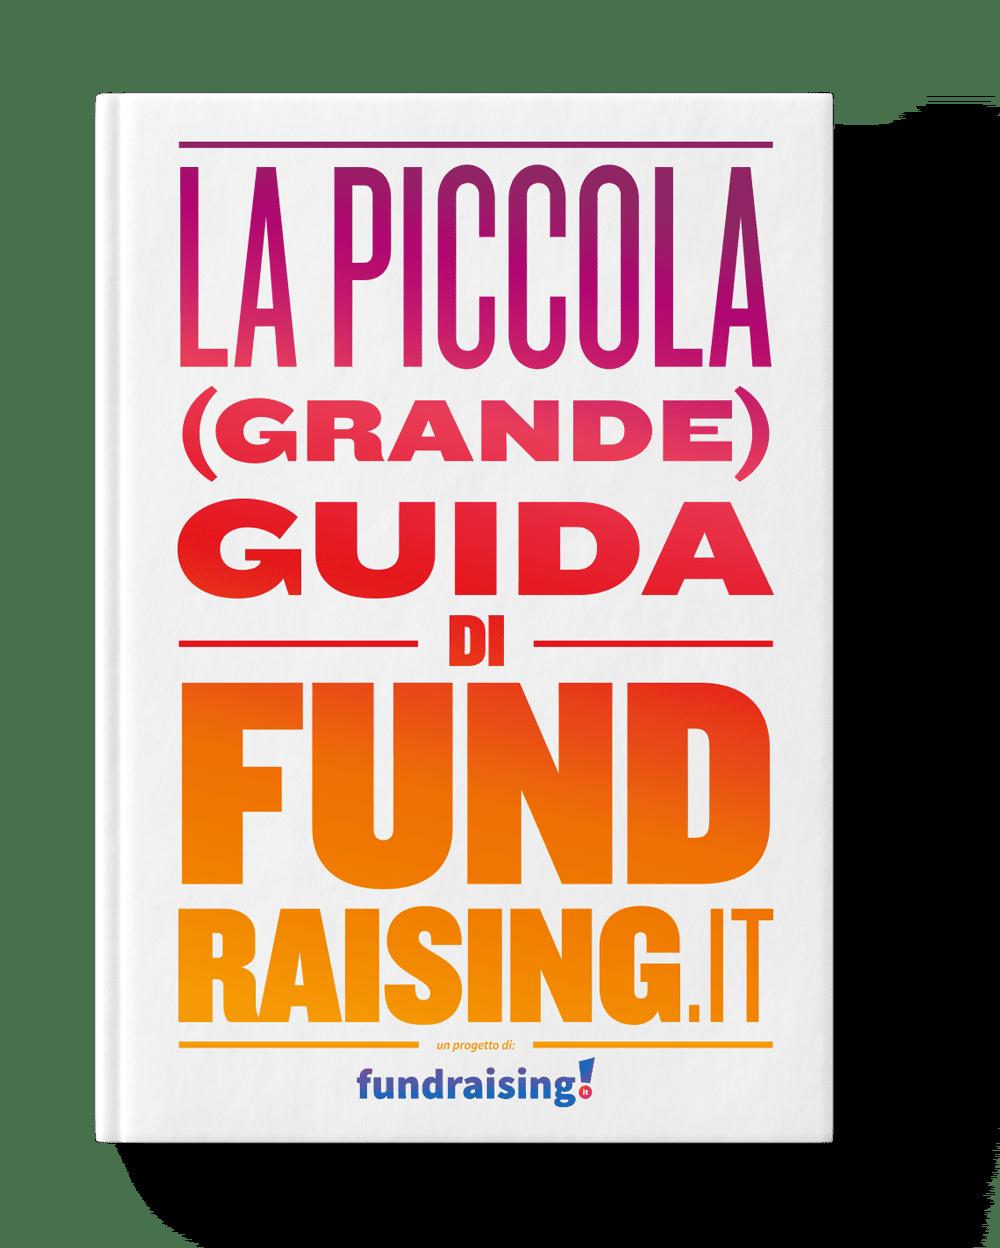 Grande Guida Fundraising Melandri